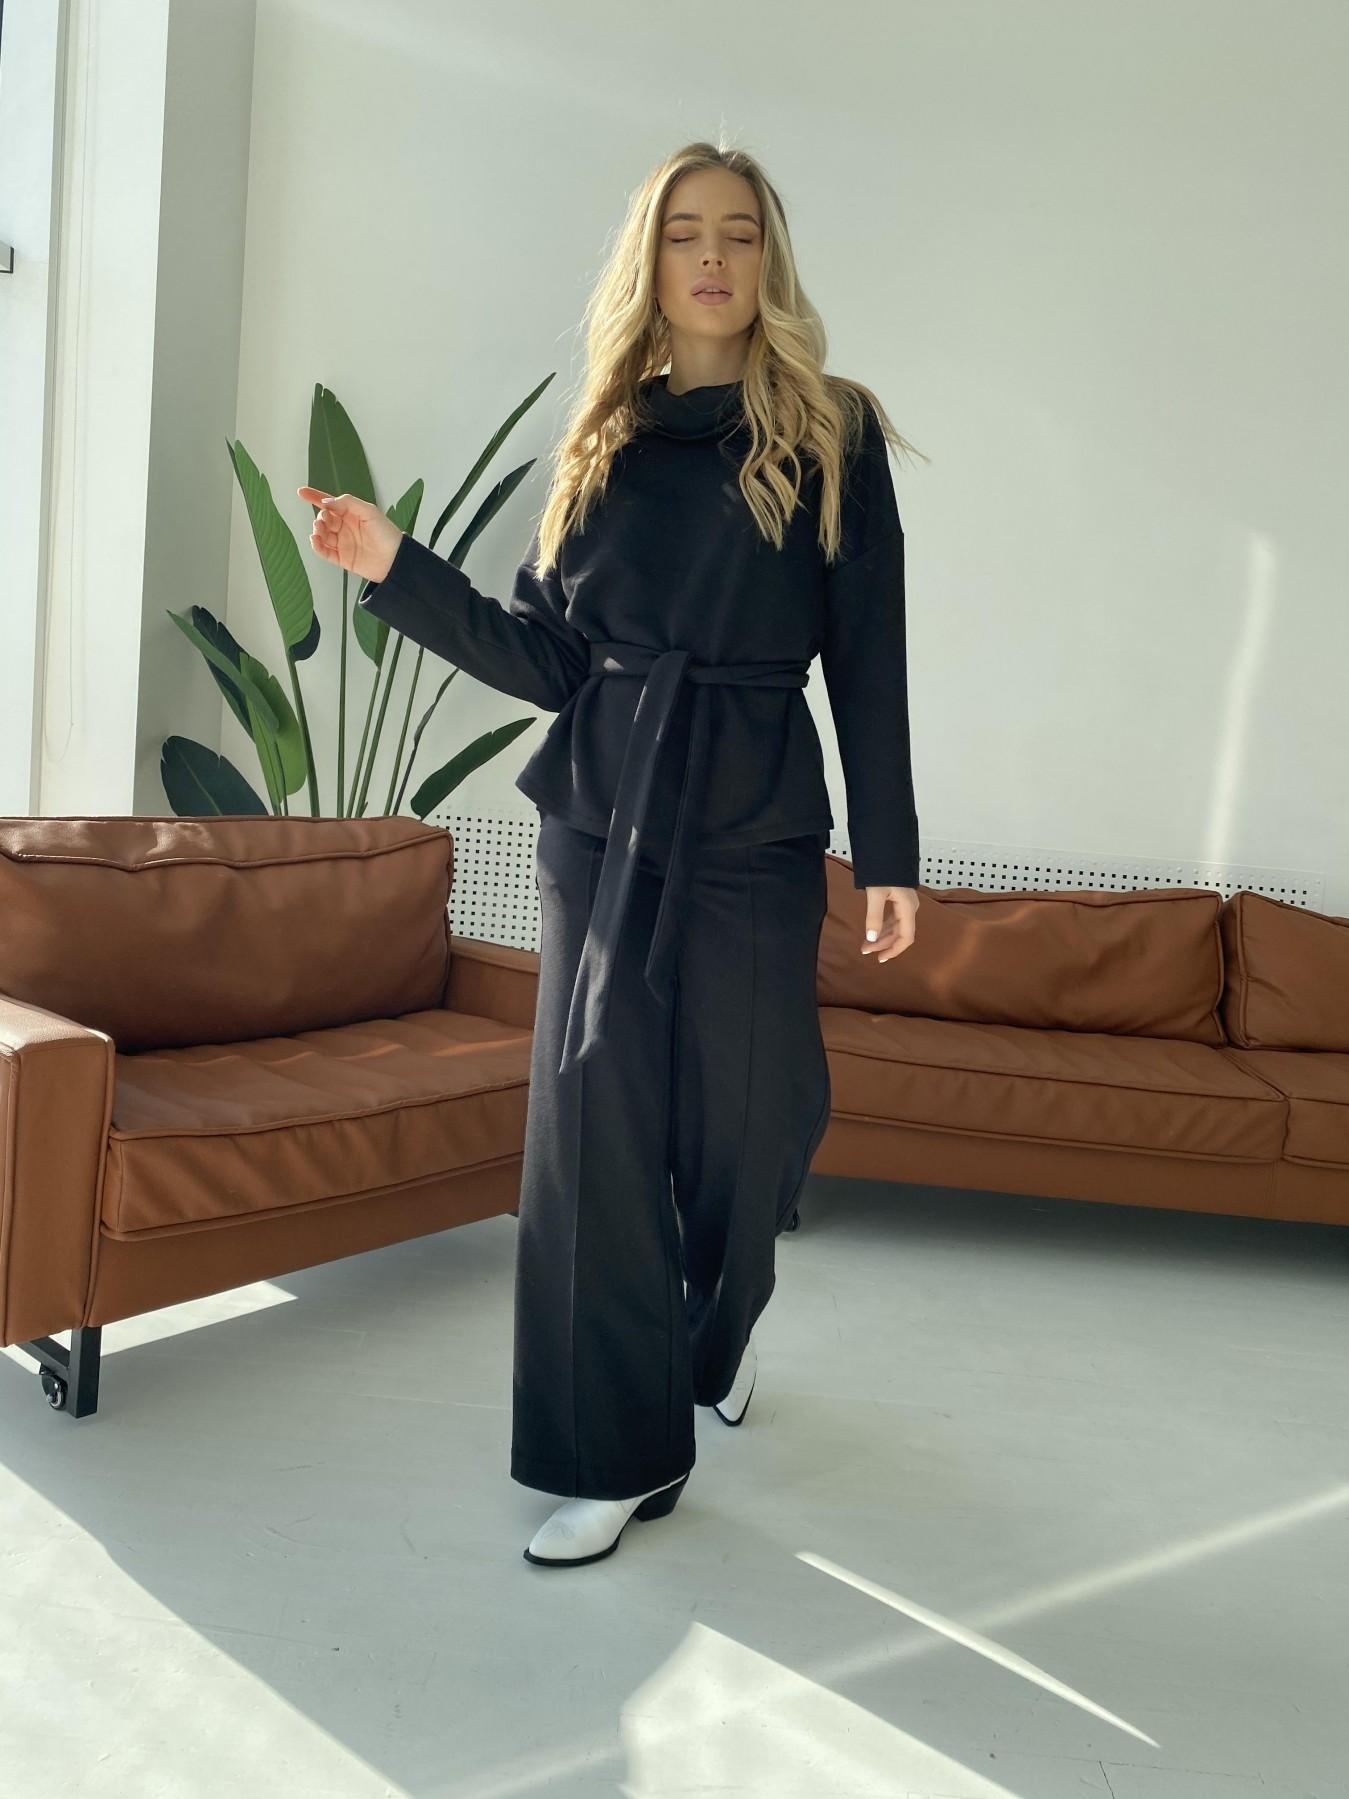 Джаст костюм Oversize  3х нитка 10564 АРТ. 47243 Цвет: Черный - фото 6, интернет магазин tm-modus.ru